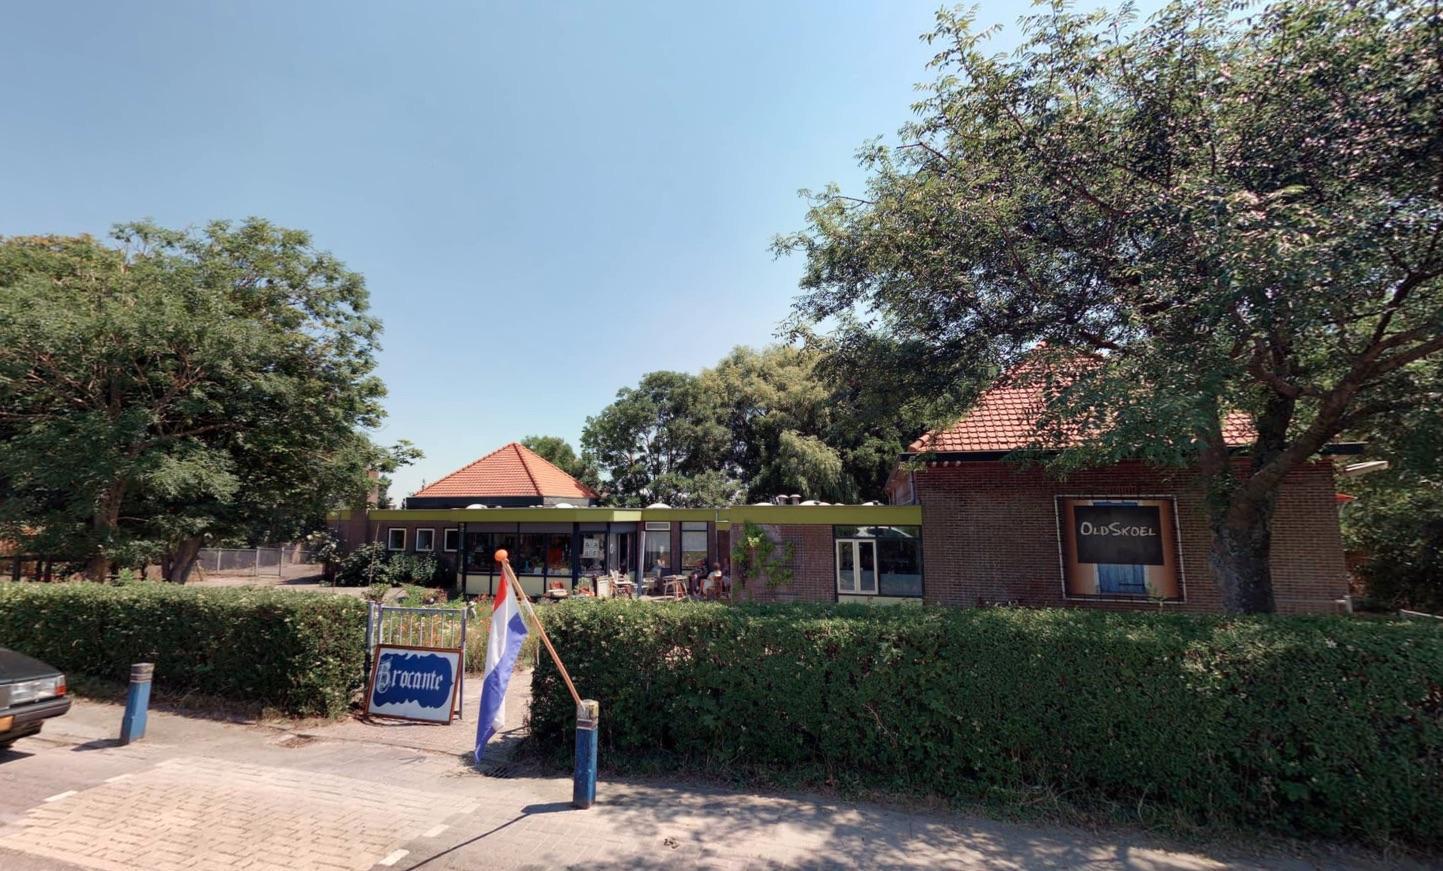 PvdA en Seniorenpartij zetten vraagtekens bij verkoop OldSkoel in Burgerbrug.'Er is ook geen navraag gedaan in het dorp naar wensen voor andere bestemmingen voor het pand'